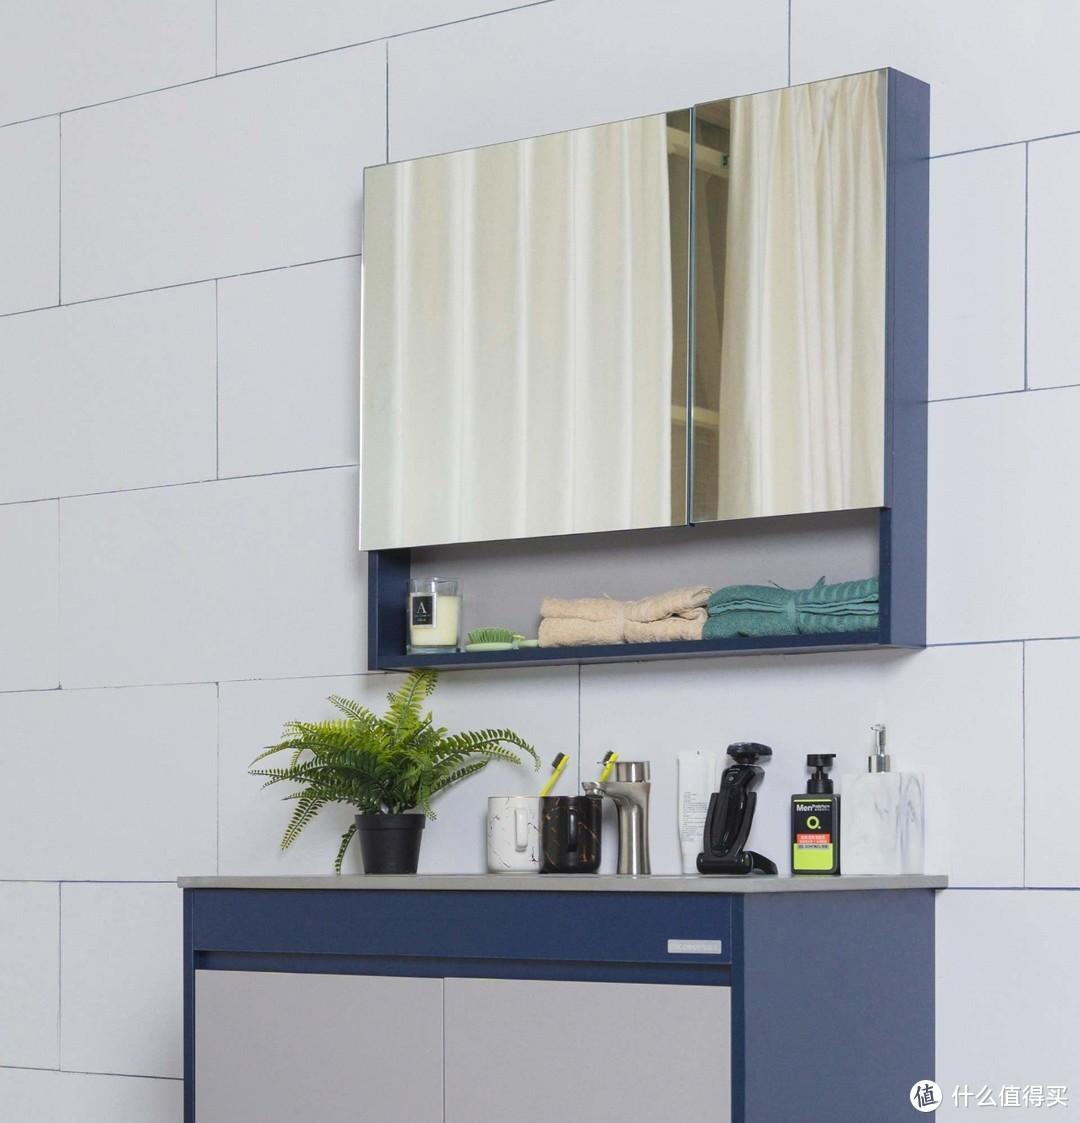 卫生间的颜值&实力担当:四季沐歌(MICOE)浴室柜